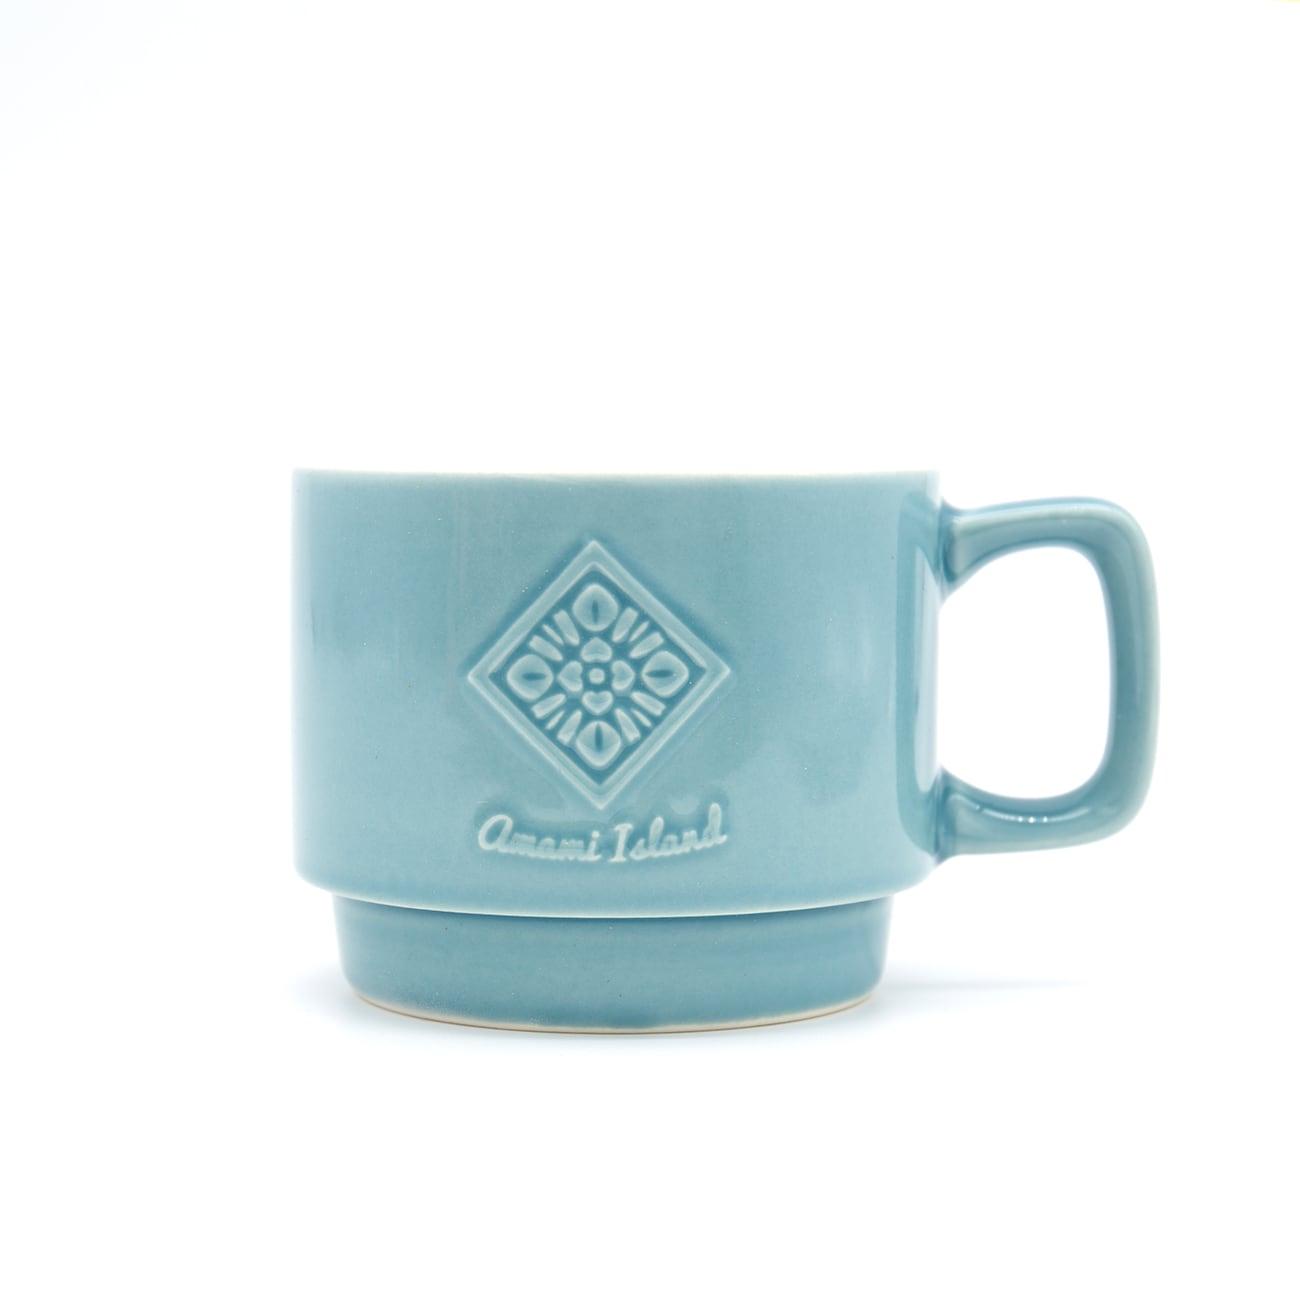 オリジナルマグカップ | ライトブルー | 紬柄